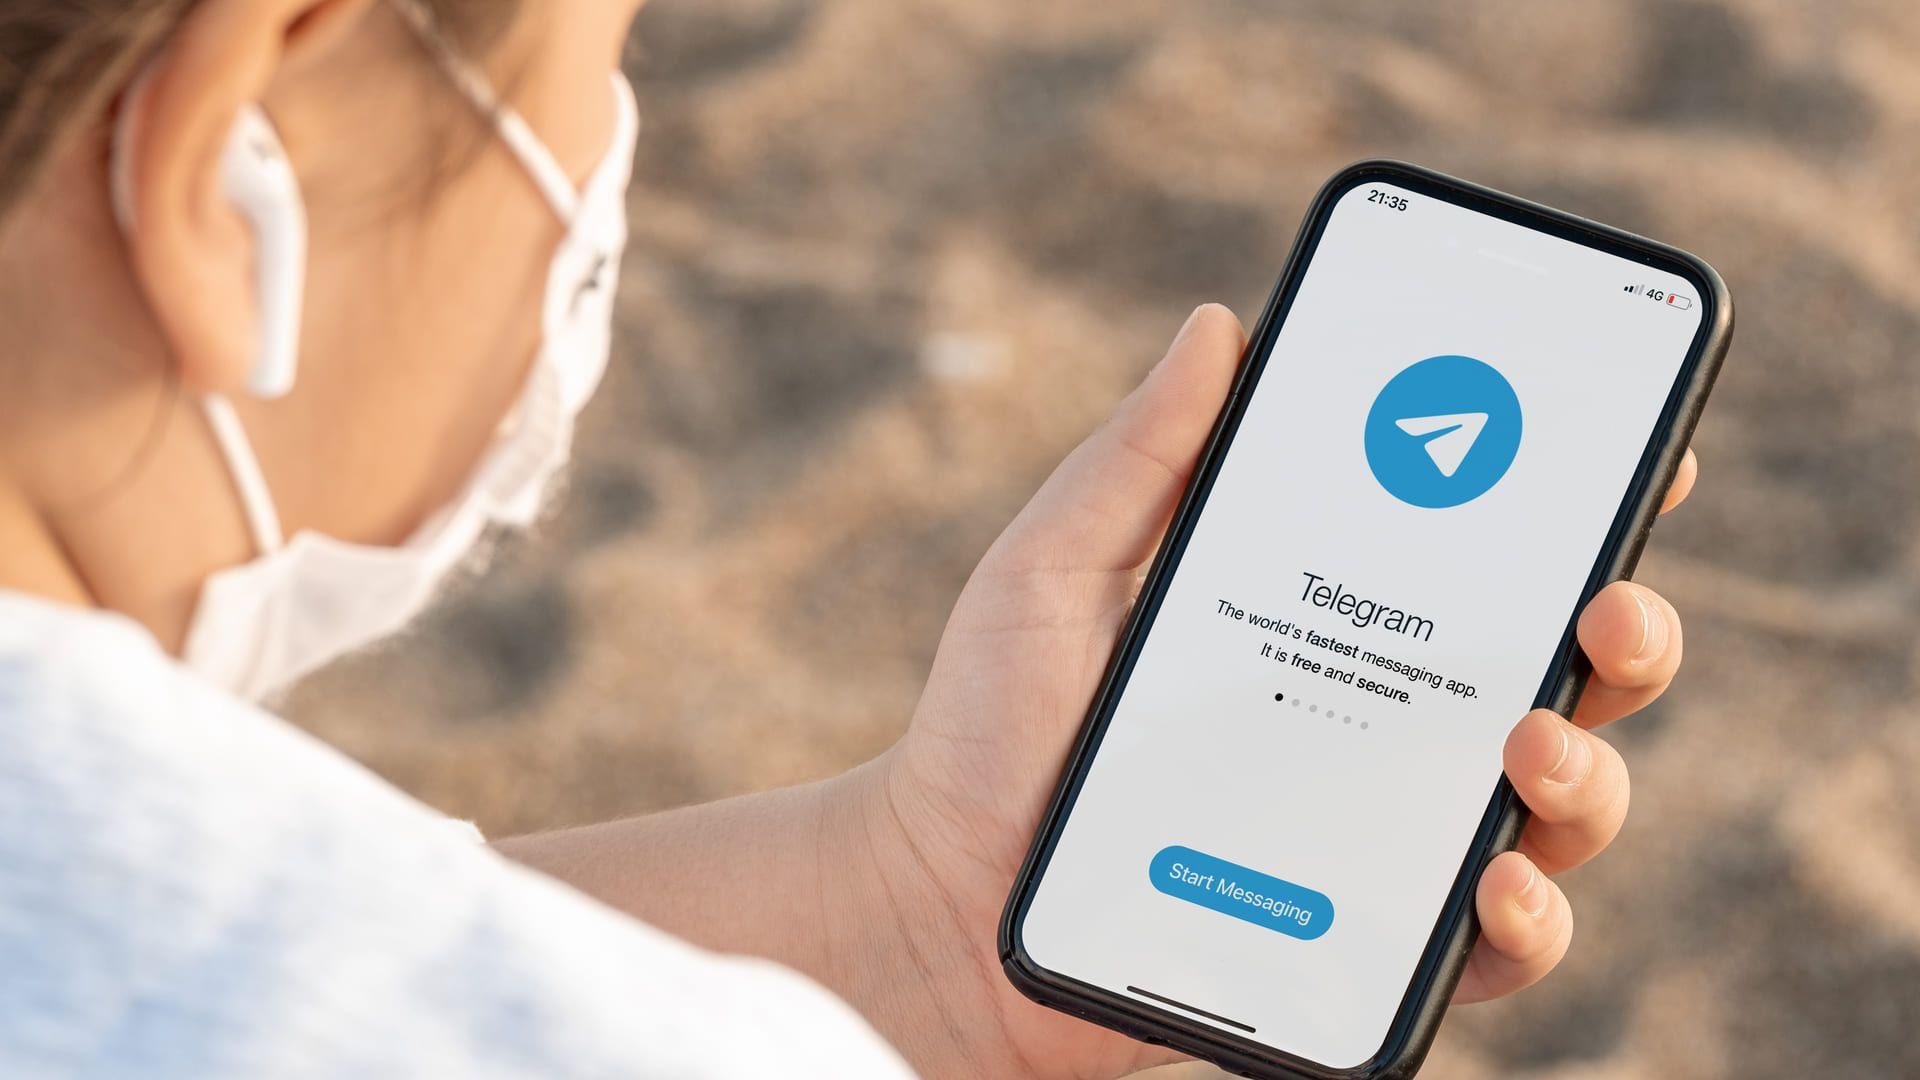 Telegram é um app que roda no iOS, Android e Windows Phone (Yalcin Sonat / Shutterstock)